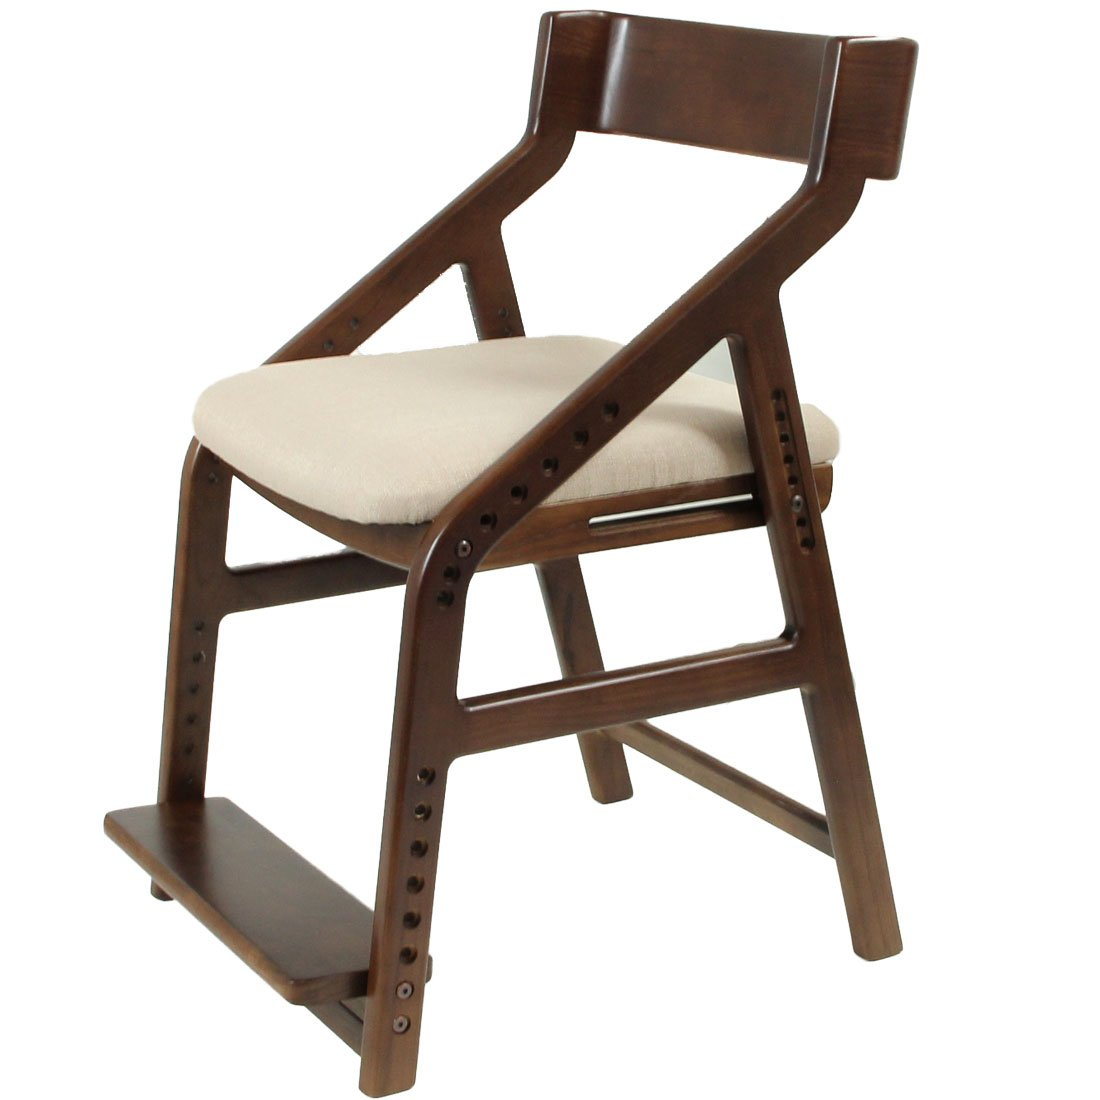 タンスのゲン 子供用 学習椅子 キッズチェア ダイニングチェアー 学習チェア ダークブラウン×クリーム 88000024 N2 B071KF1YGH Parent ダークブラウン×クリーム